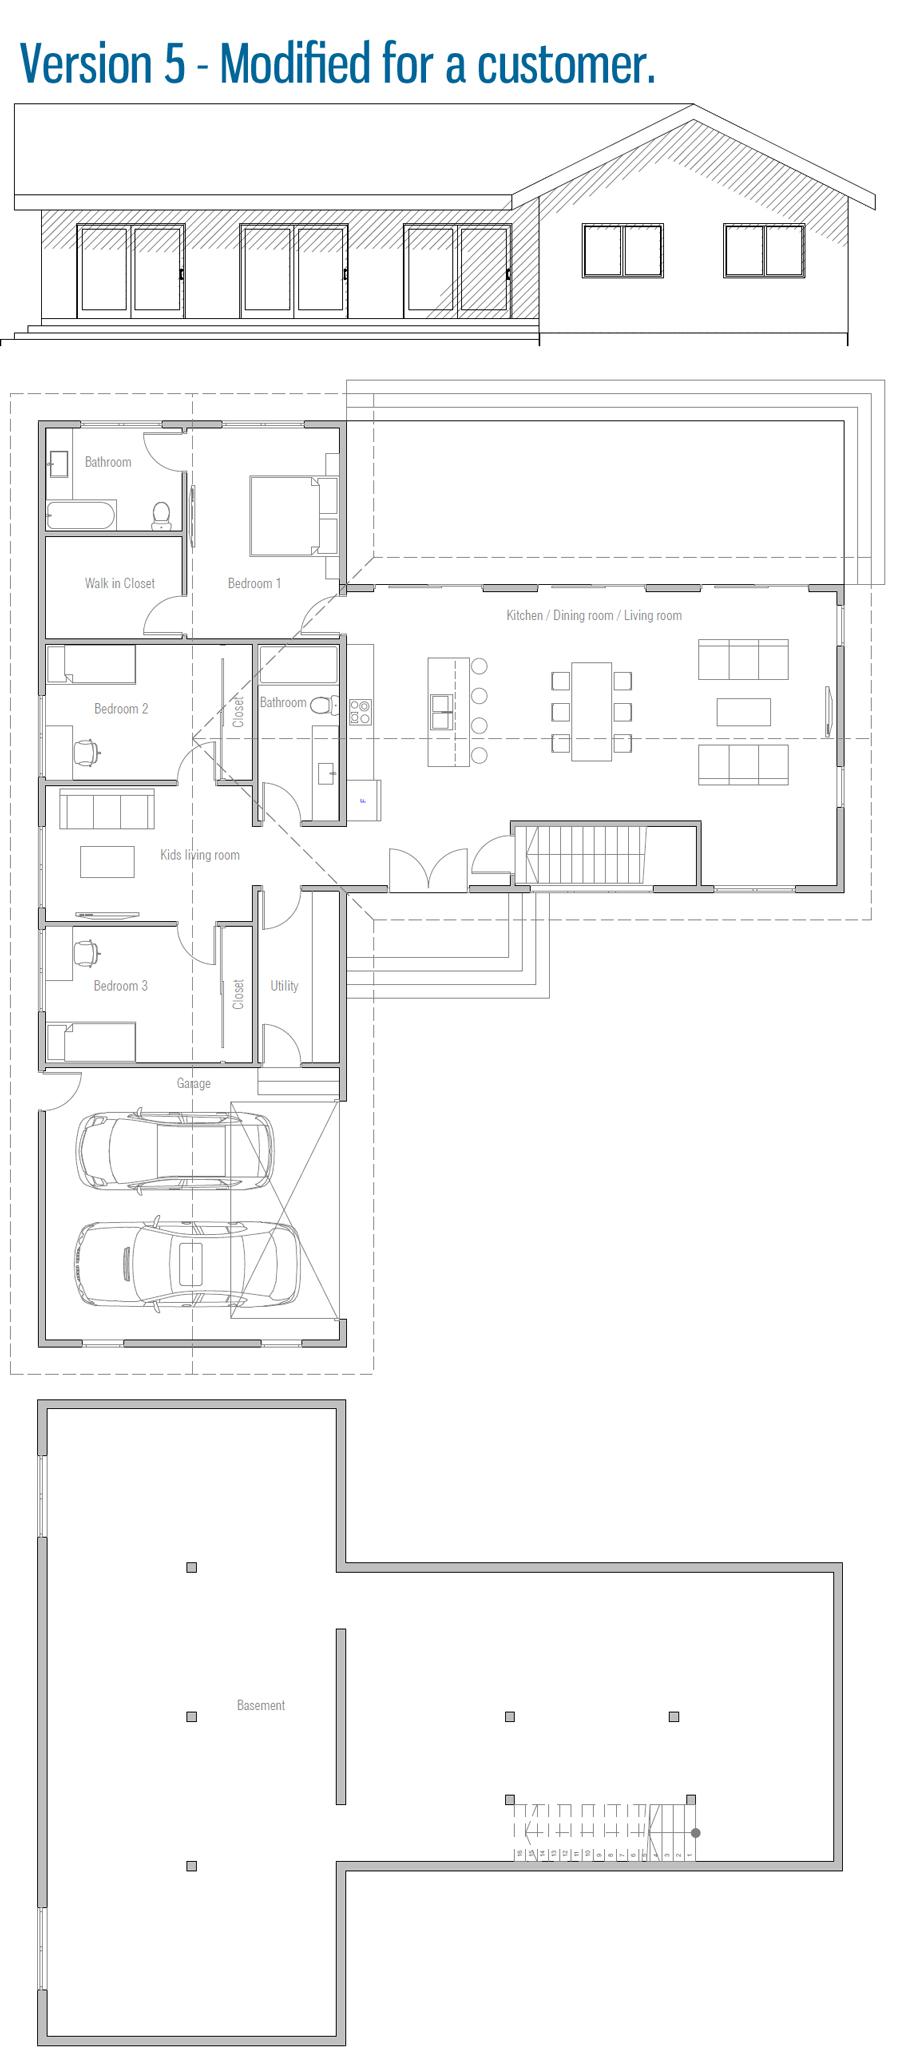 house-plans-2019_45_CH564_V5.jpg